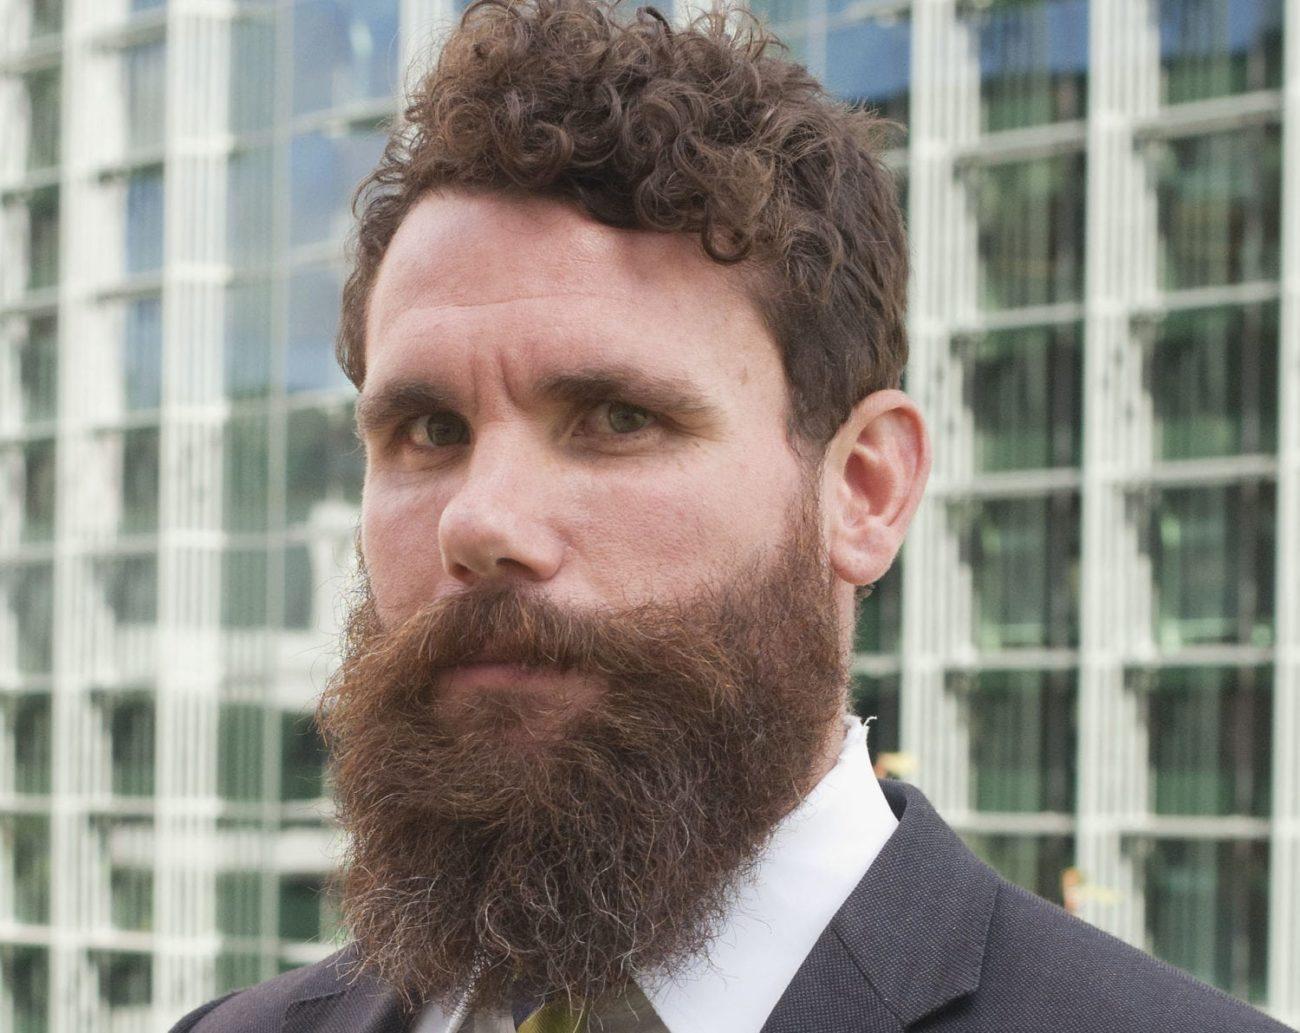 Billy Prince - Portland Family Law Attorney